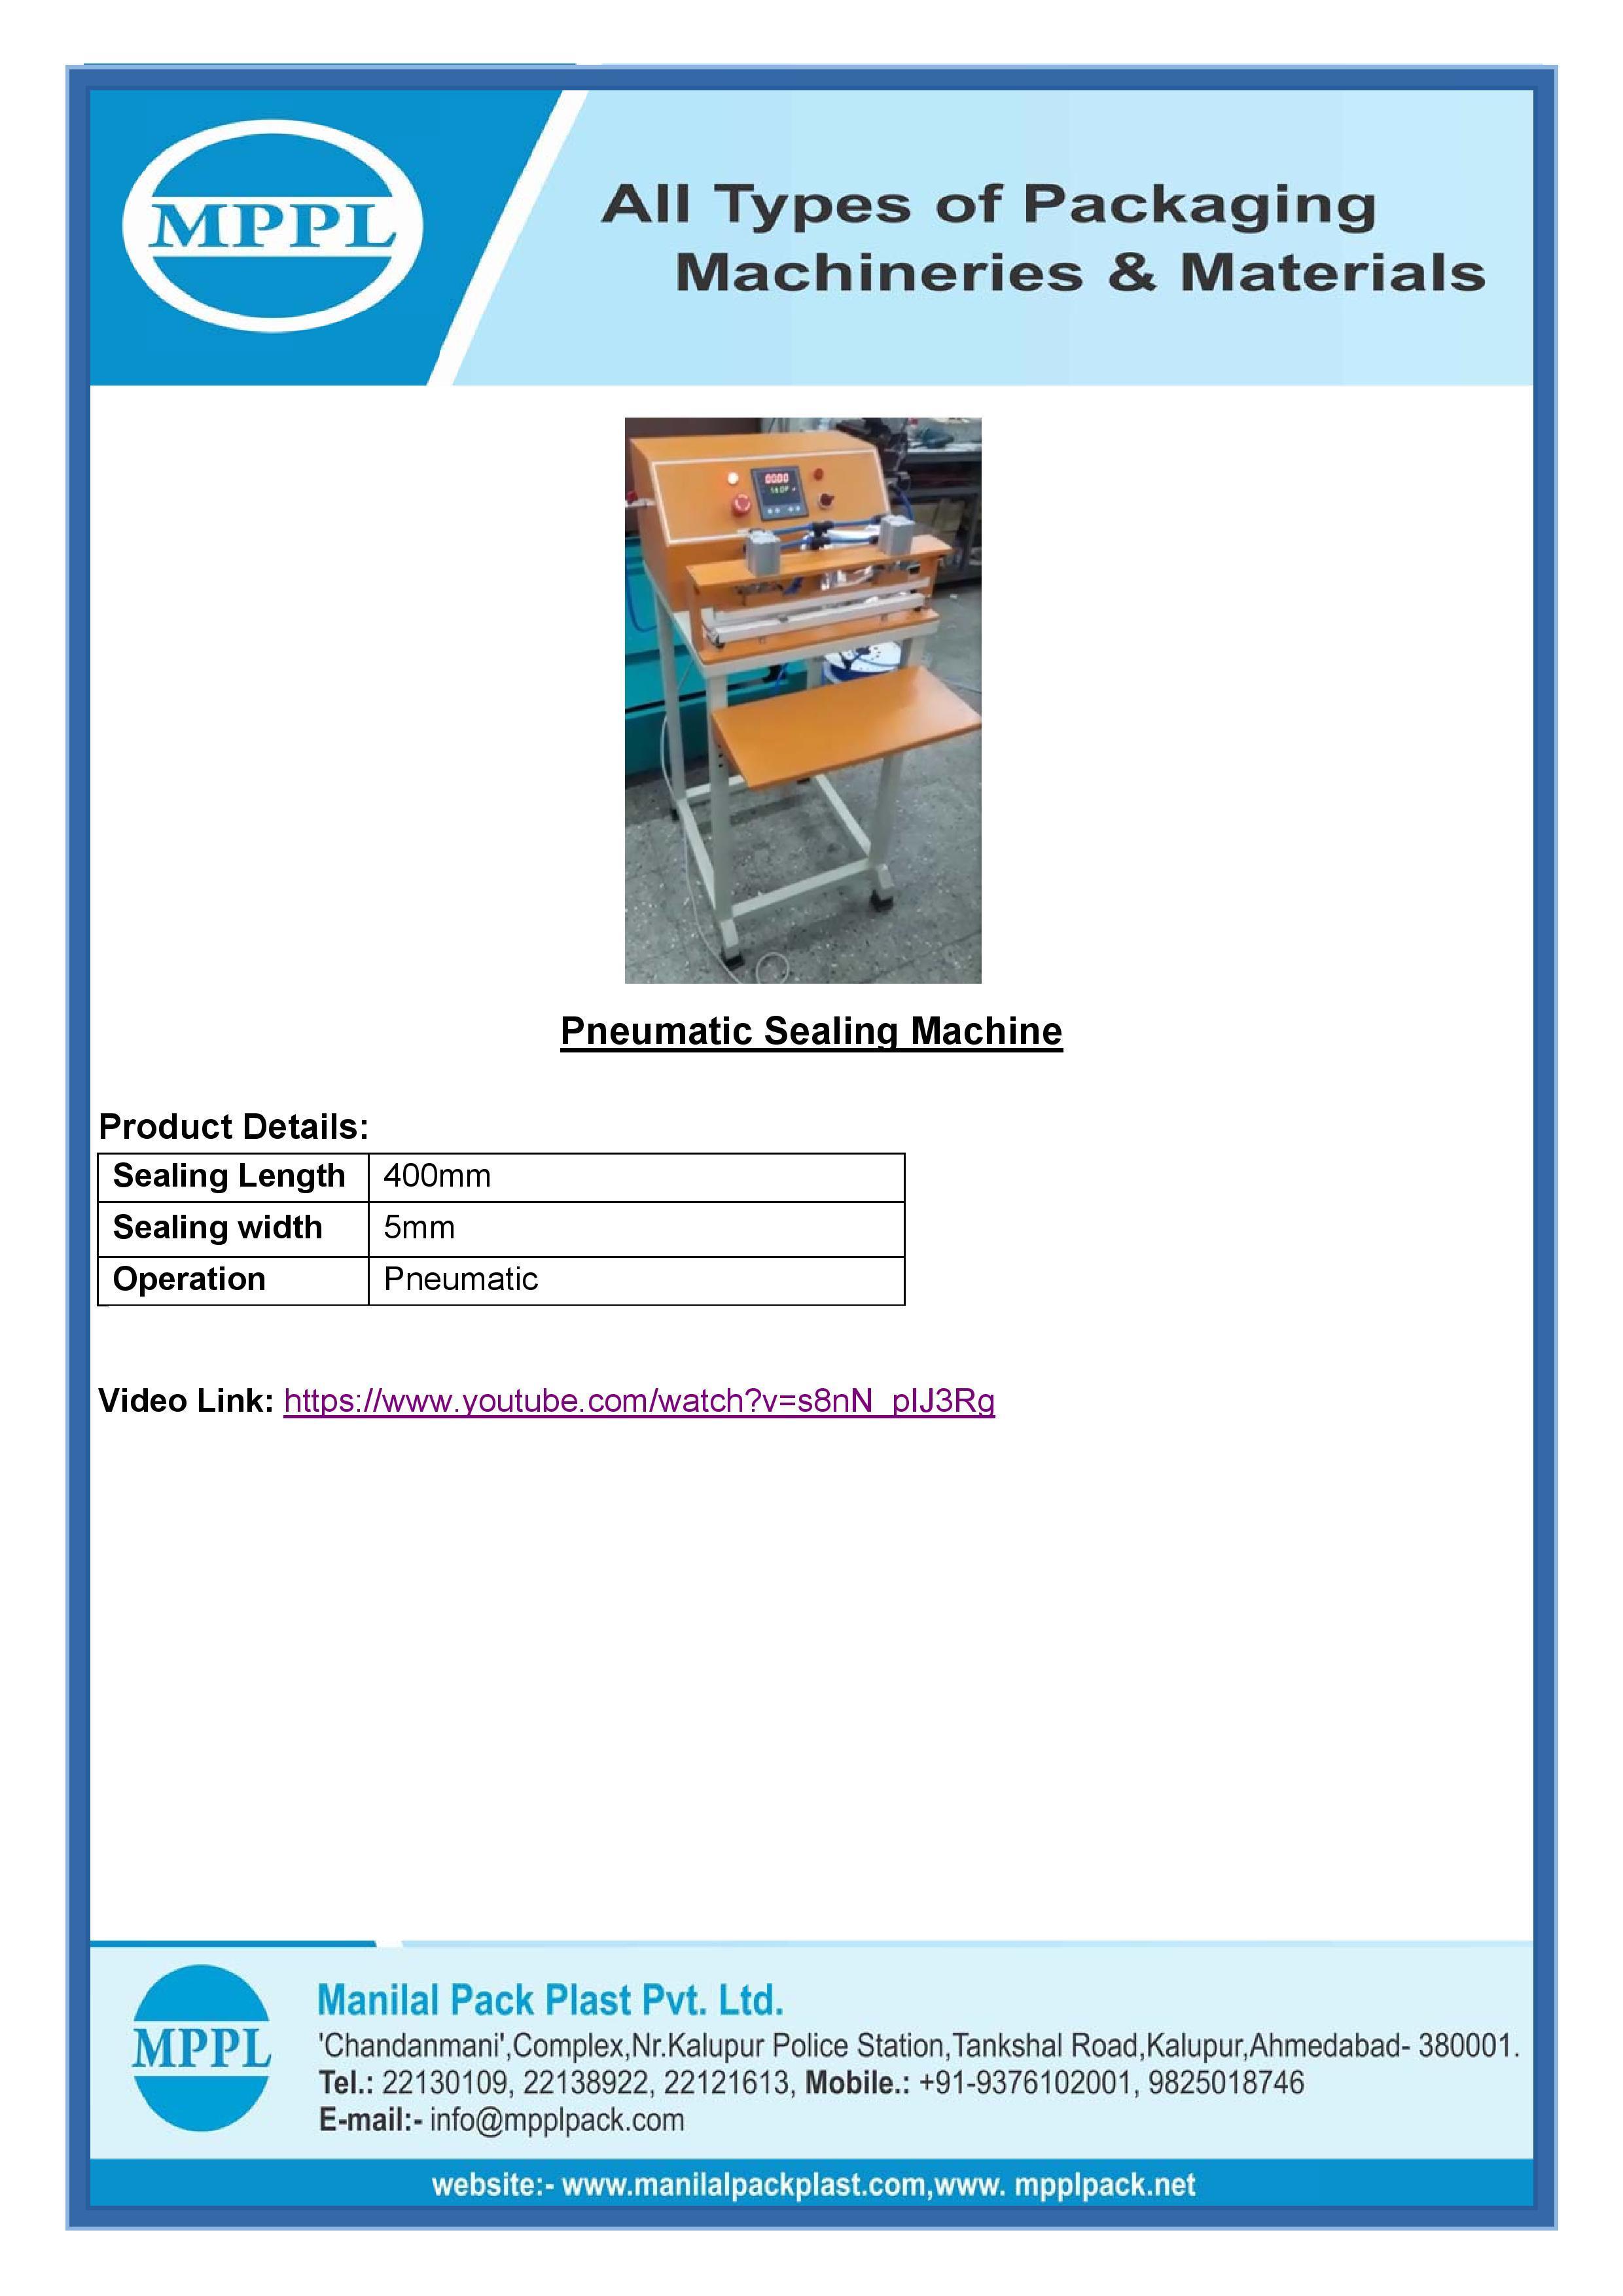 Pneumatic Sealing Machine